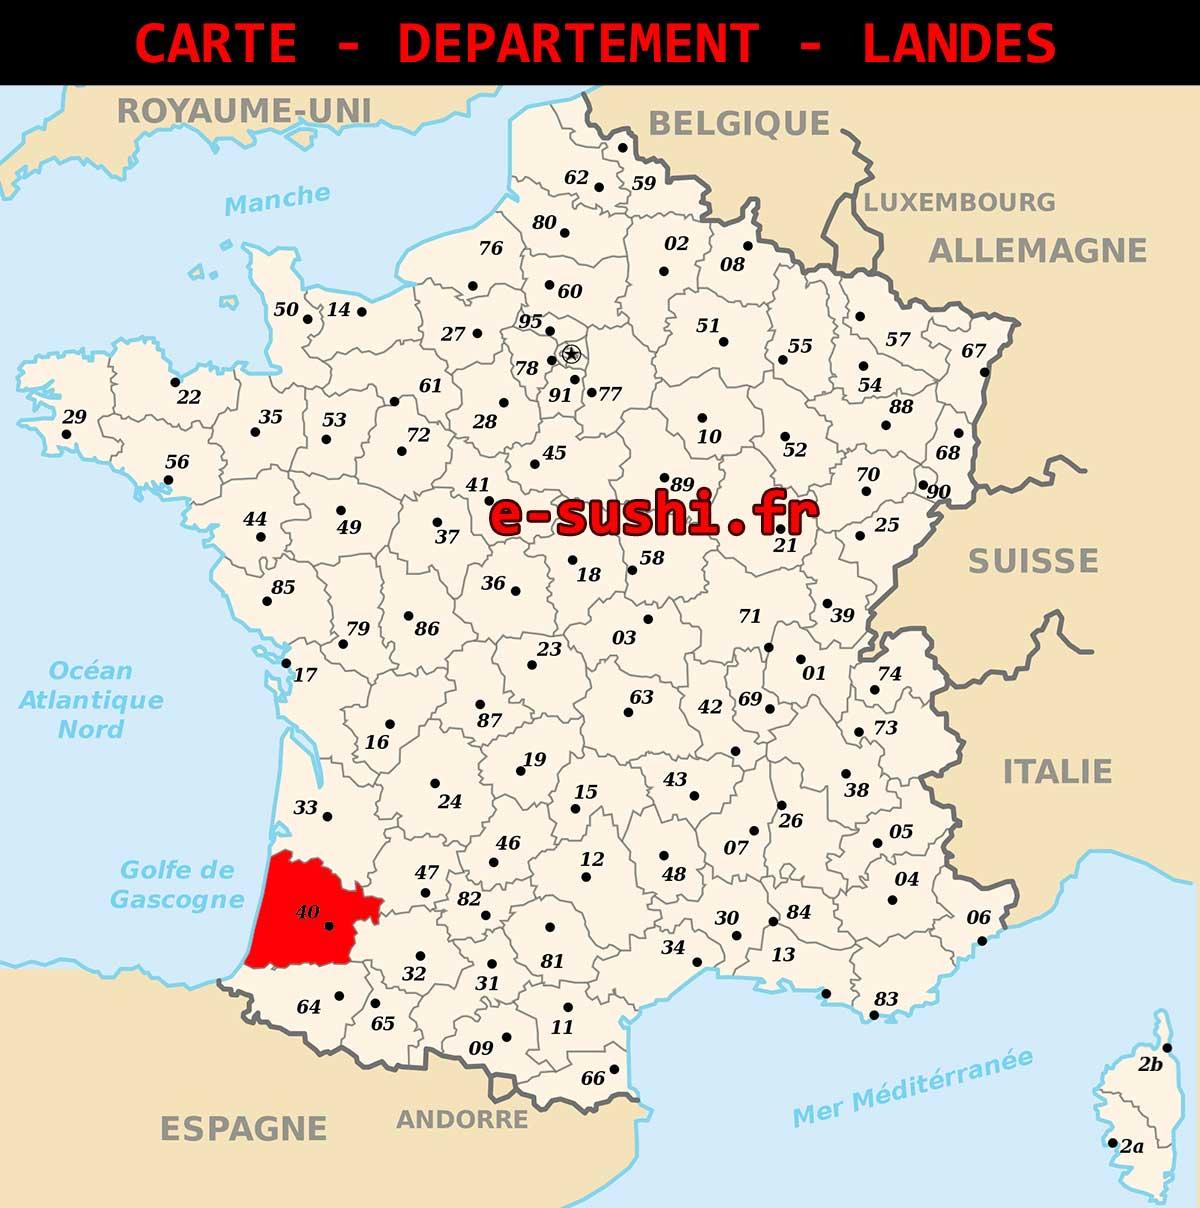 Prostituées Landes – Tjez.gob.mx avec Carte Departement 13